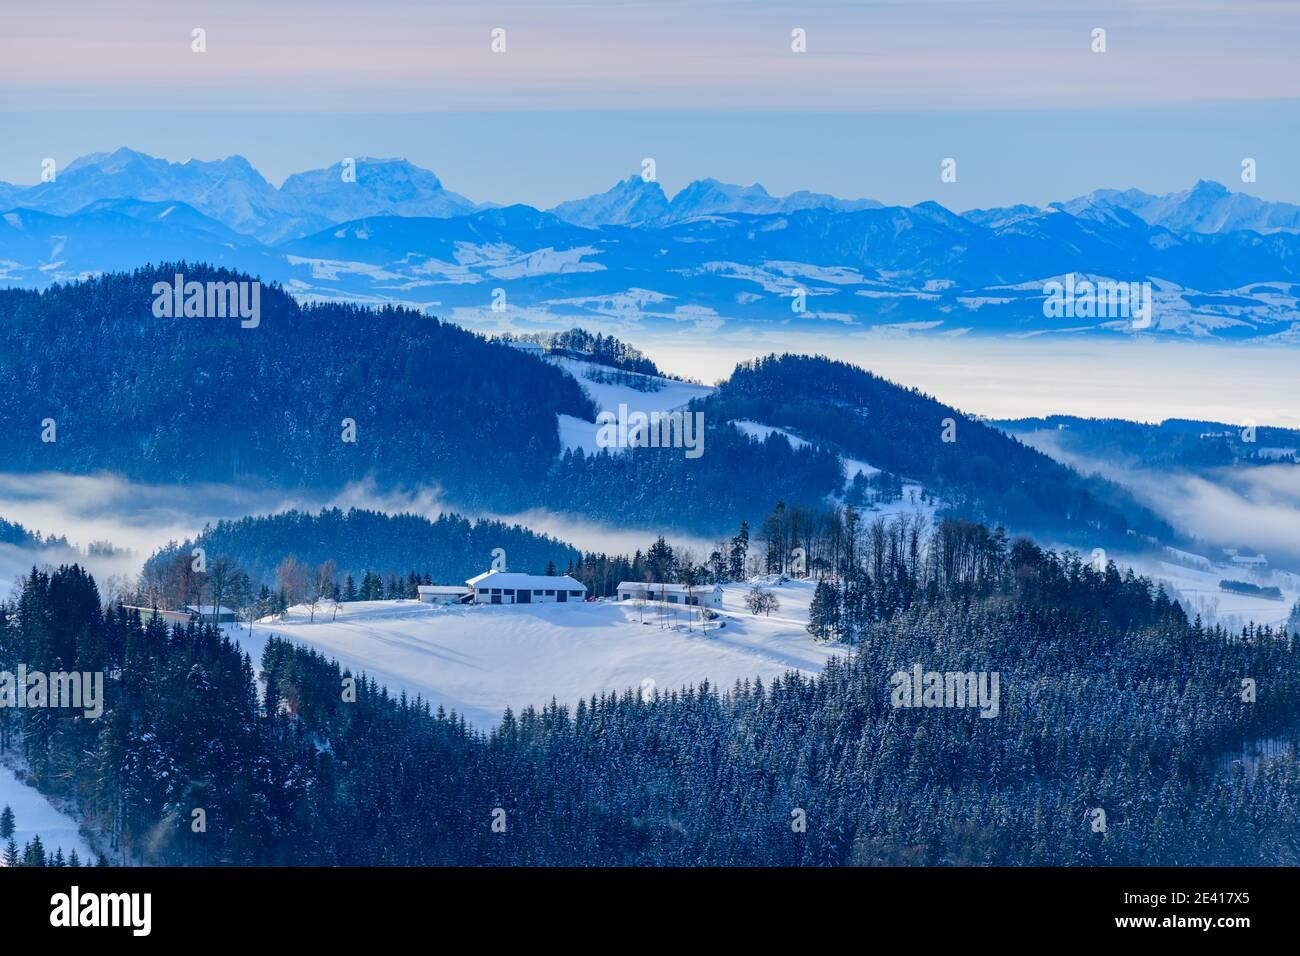 vista panorámica desde el castillo ruine ruttenstein en la región de austria muehlviertel en una mañana nevada Foto de stock